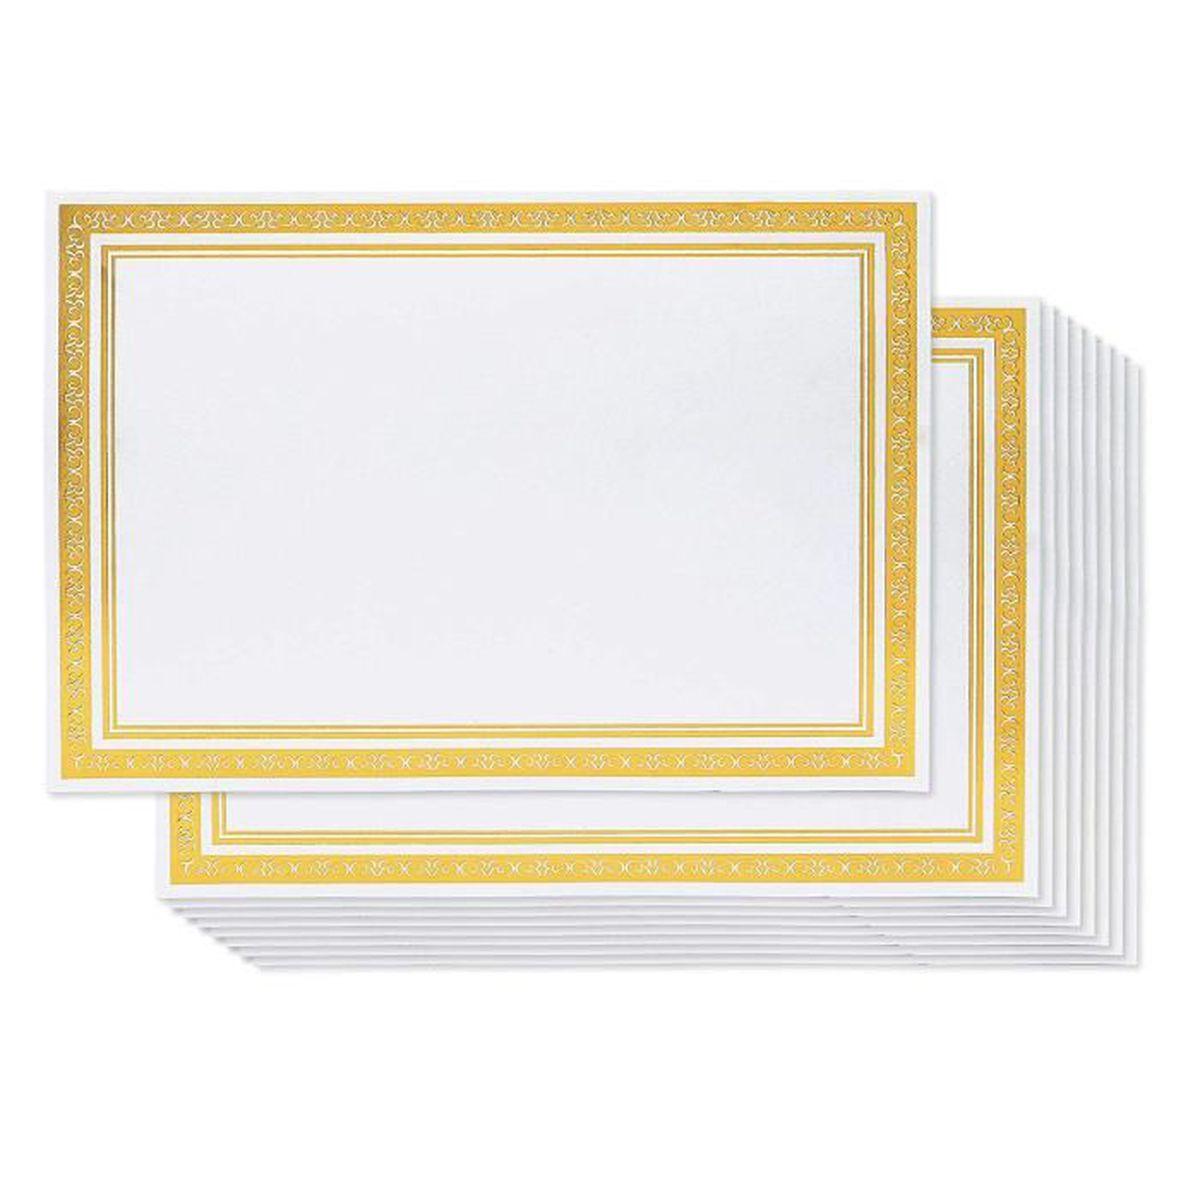 Feuille De Papier Certificat 50 Certificats Vierges A4 Bordure Doree 180 G M2 Facile A Imprimer Avec Imprimante Jet D Encre Achat Vente Tableau Paperboard Feuille De Papier Certifica Cdiscount